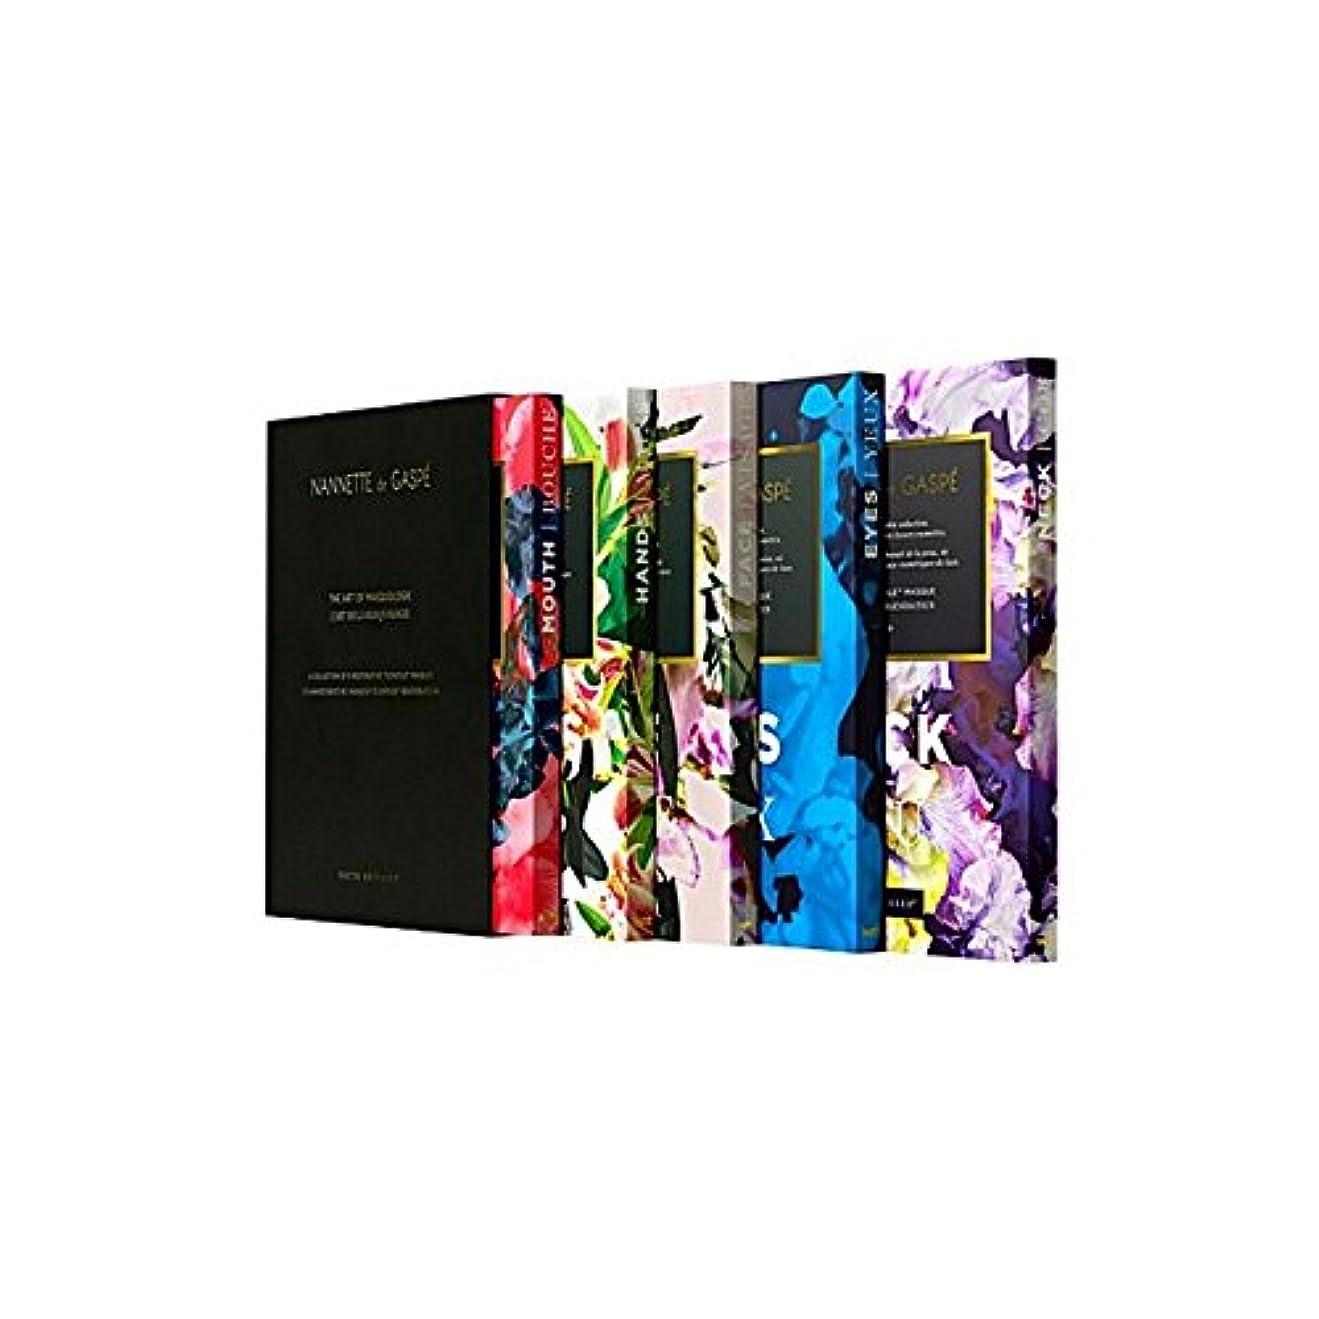 歯車ばかげている花弁デガスペ修復仮面劇コフレ x2 - Nannette De Gaspe Restorative Techstile Masque Coffret (Pack of 2) [並行輸入品]